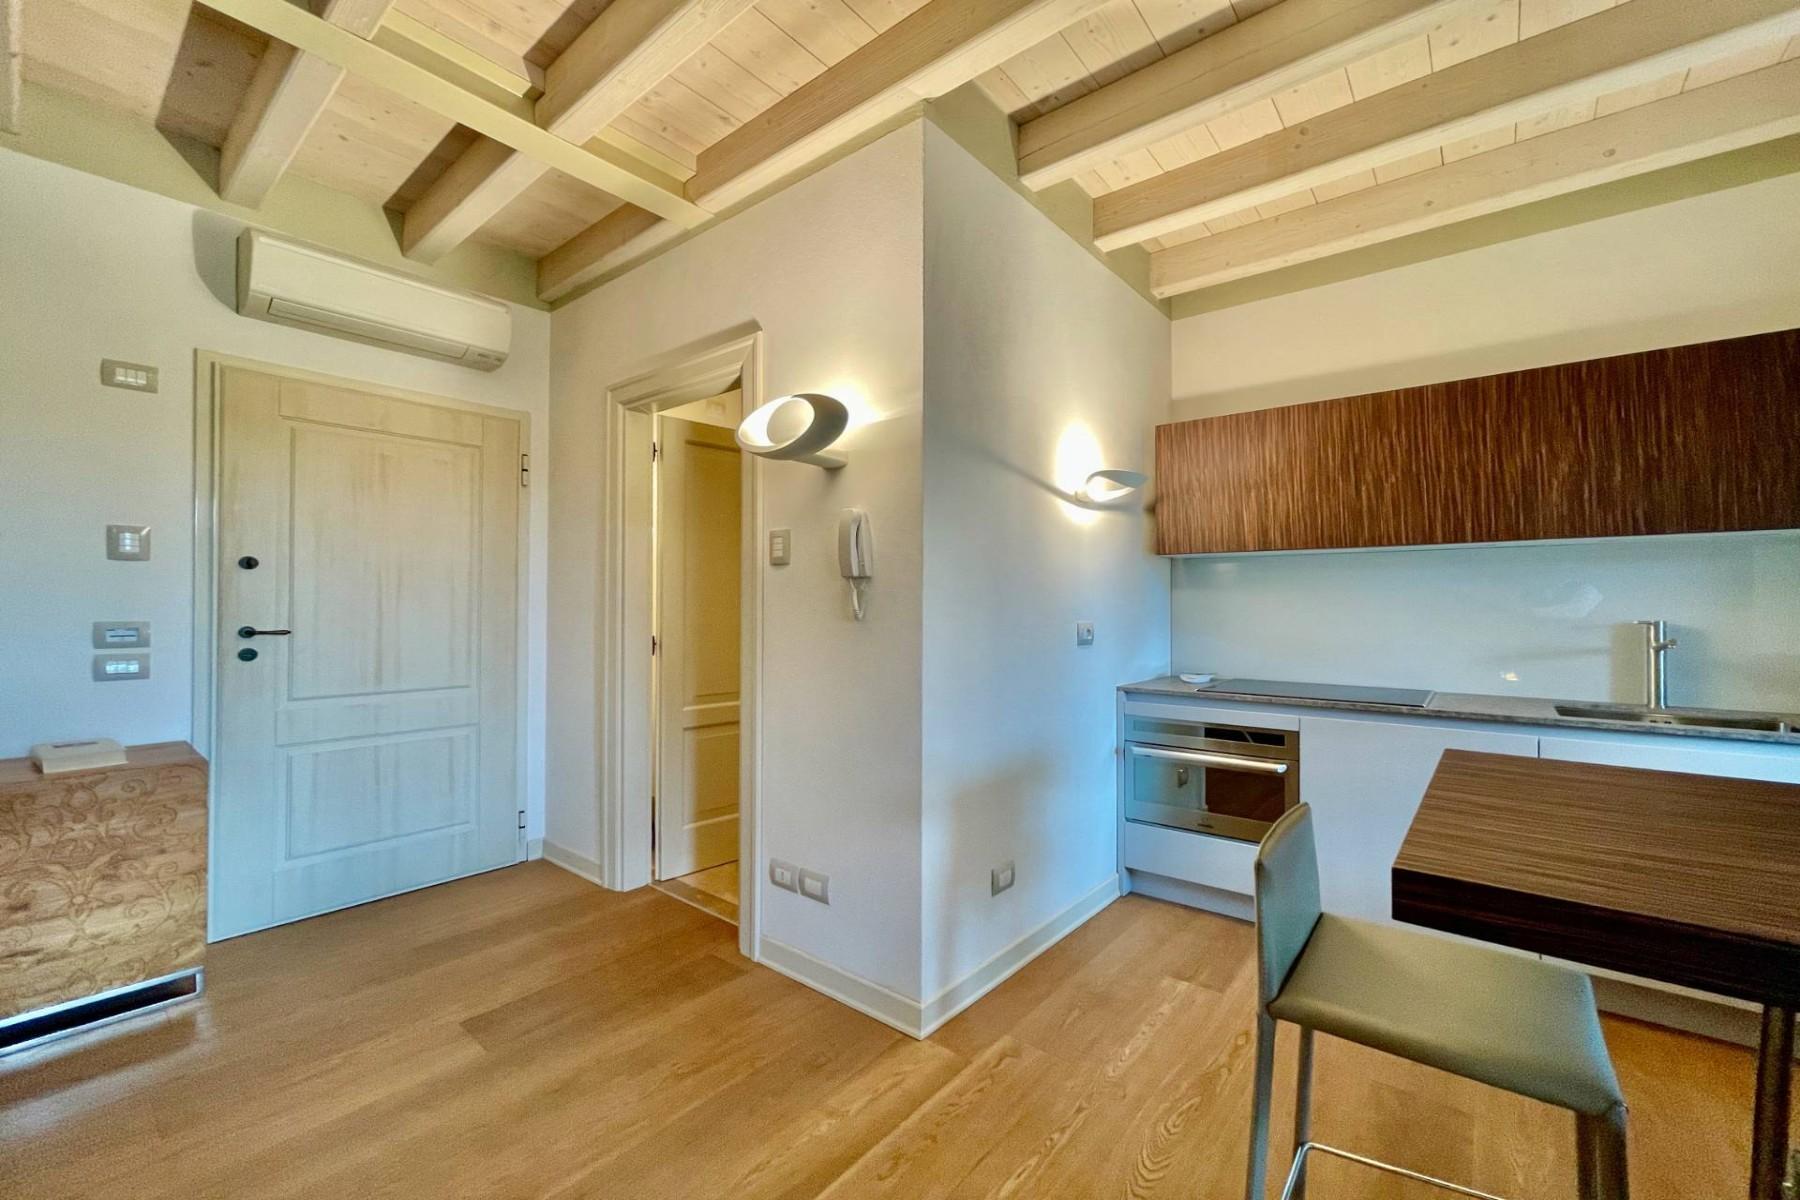 Appartamento in Vendita a Pozzolengo: 2 locali, 67 mq - Foto 6